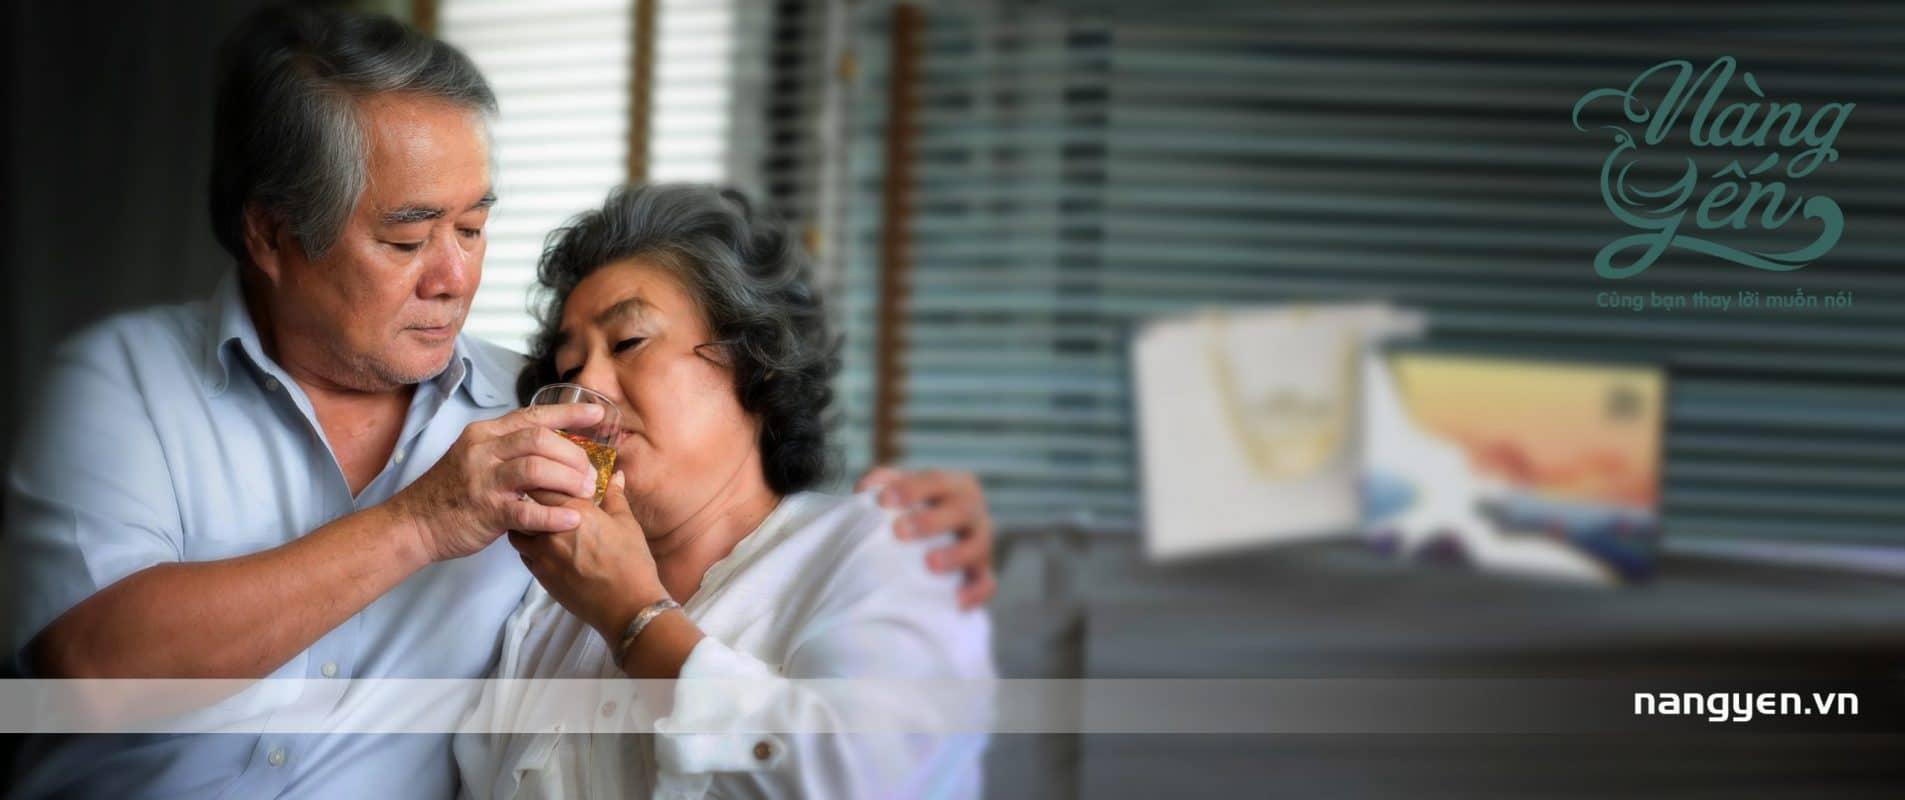 Tổ yến giúp phục hồi sức khỏe của các bệnh nhân sau phẫu thuật, sau khi bị bệnh